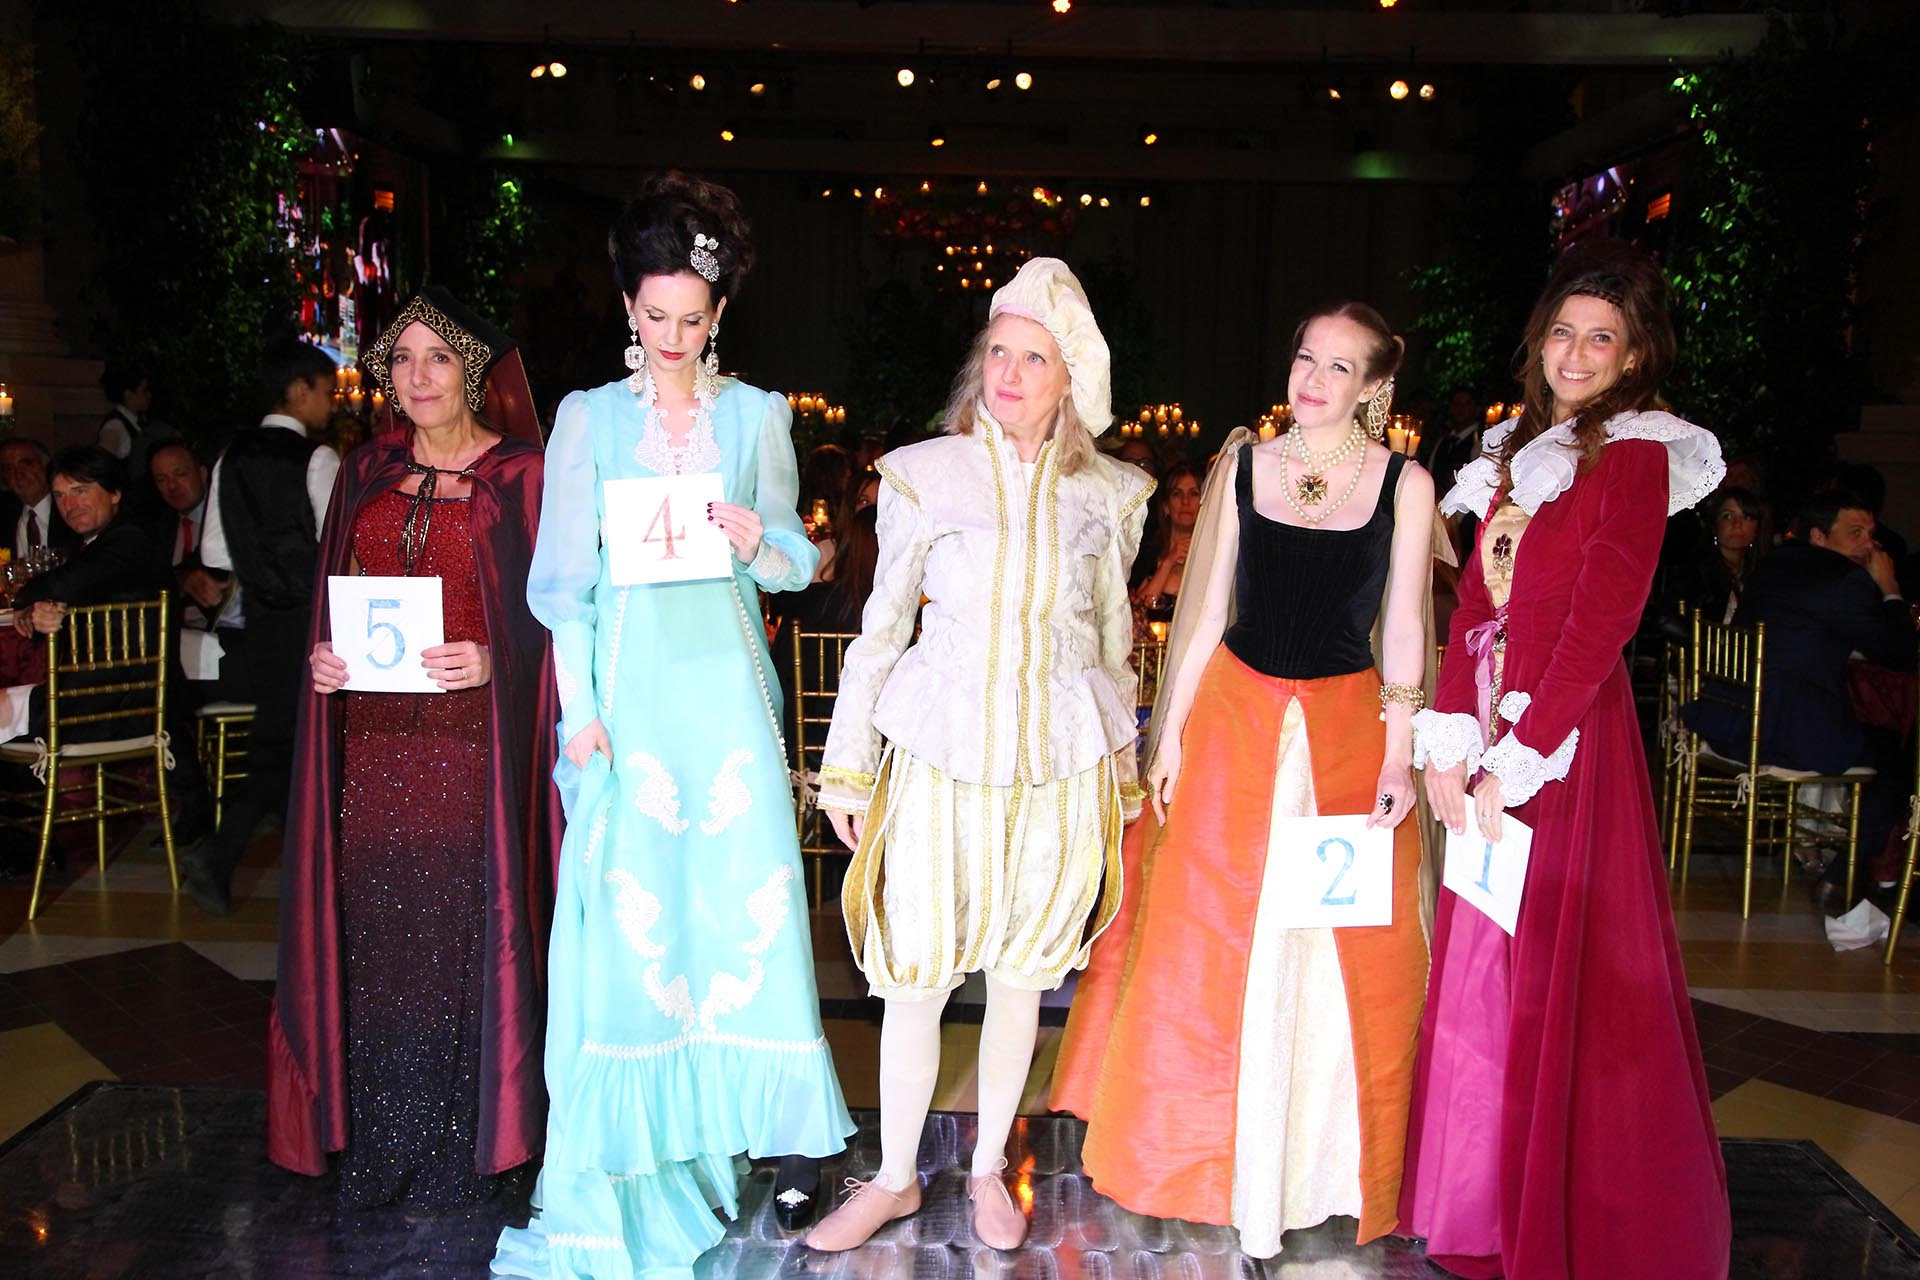 Verónica Zoani de Nutting, Marina de Achaval, Cecilia Duhau, Pilar Casares y Solange Mayo